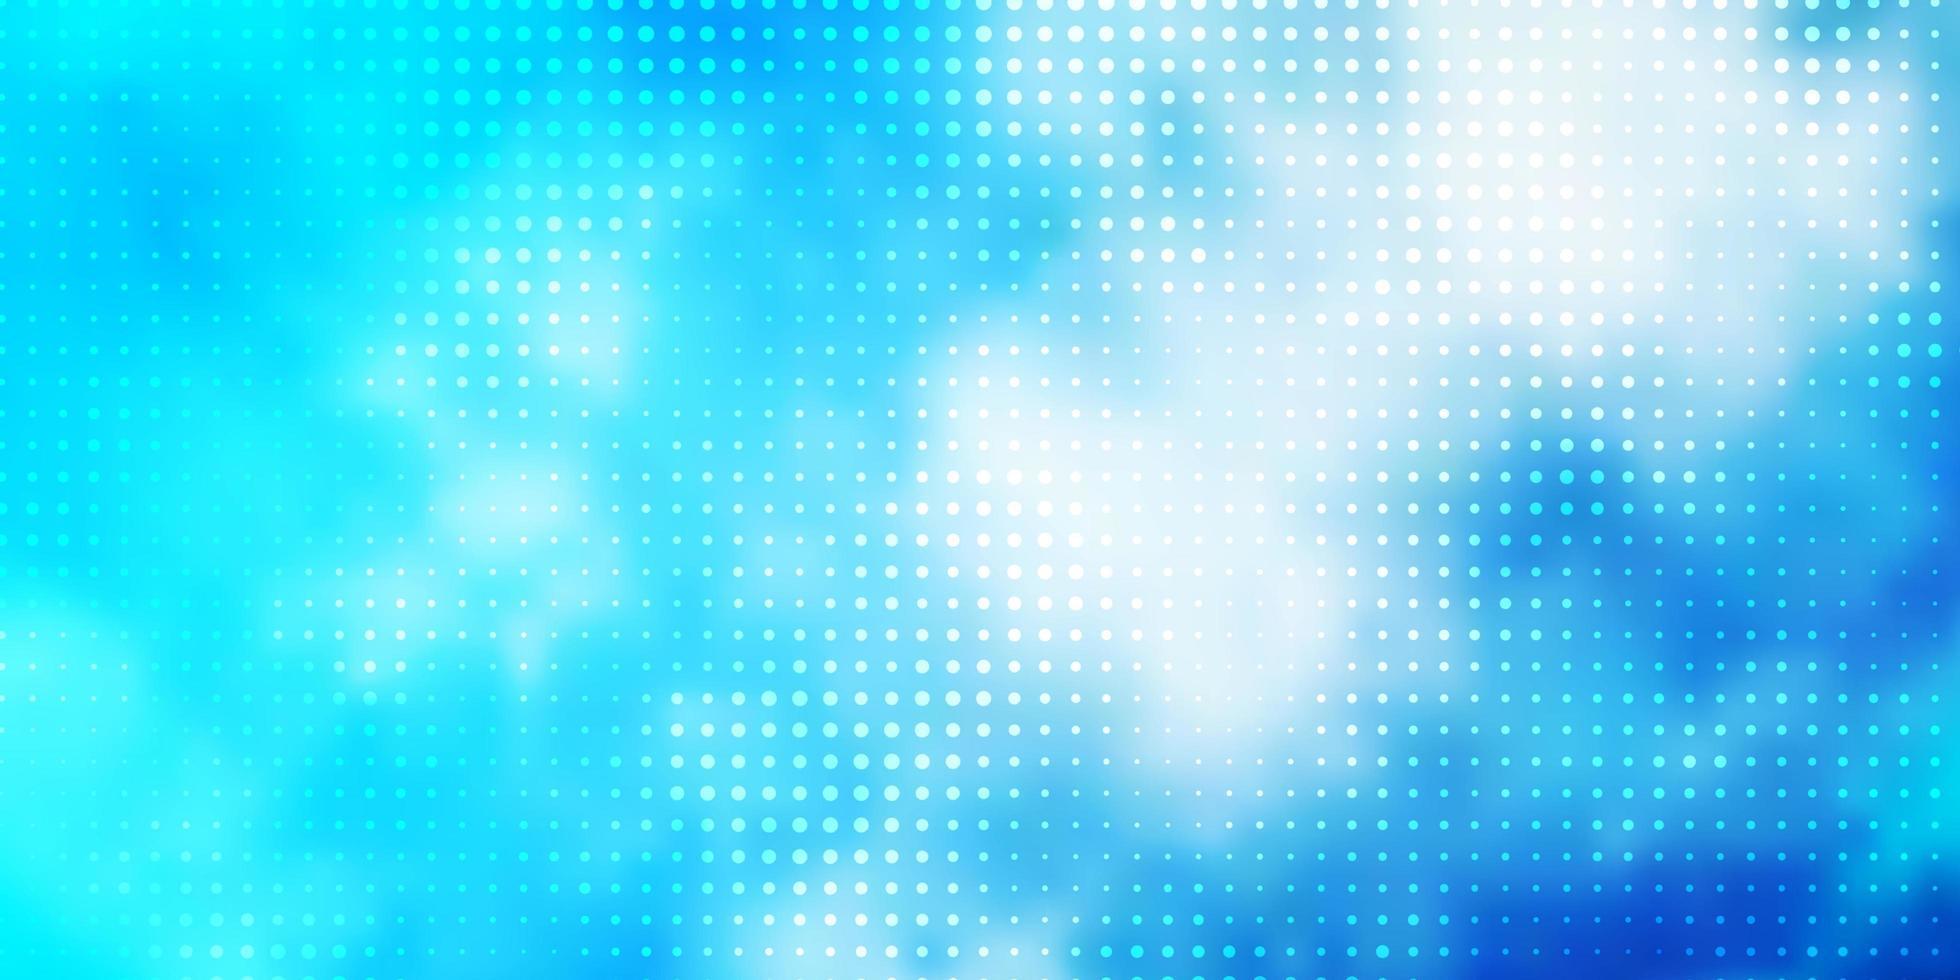 lichtblauw vector sjabloon met cirkels